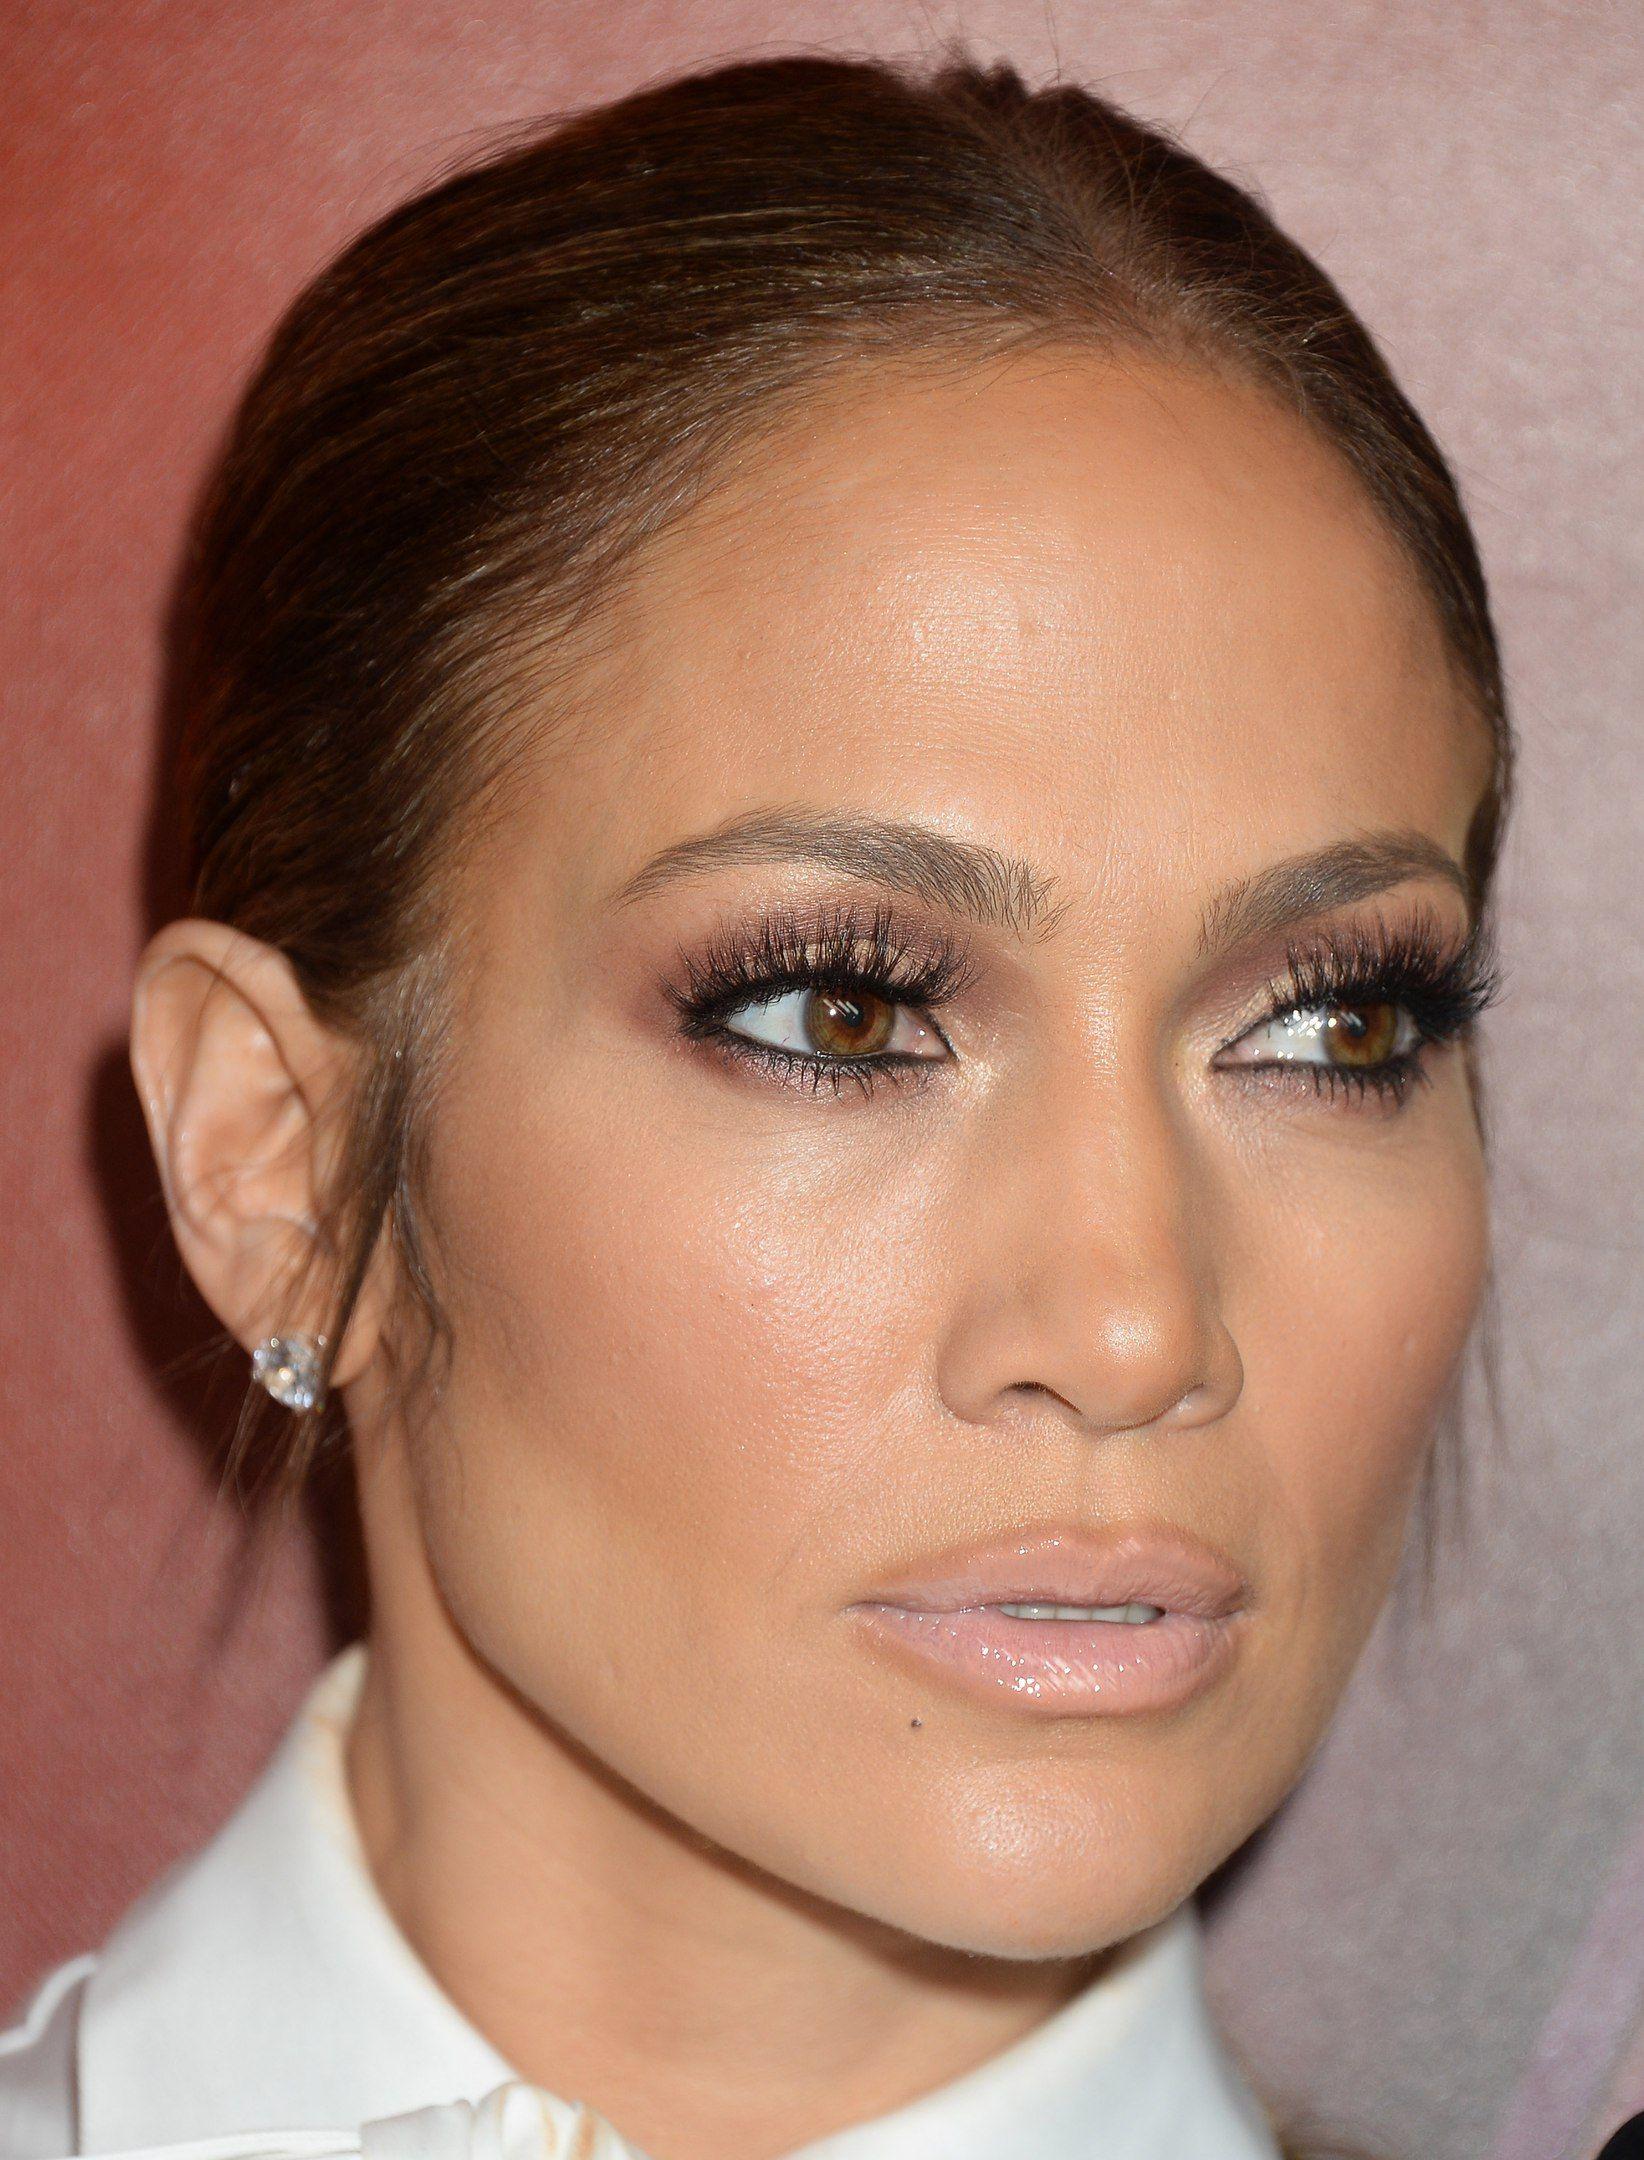 Jennifer Lopez Jlo Makeup Eyemakeup Pretty Hair And Makeup - Jlo-makeup